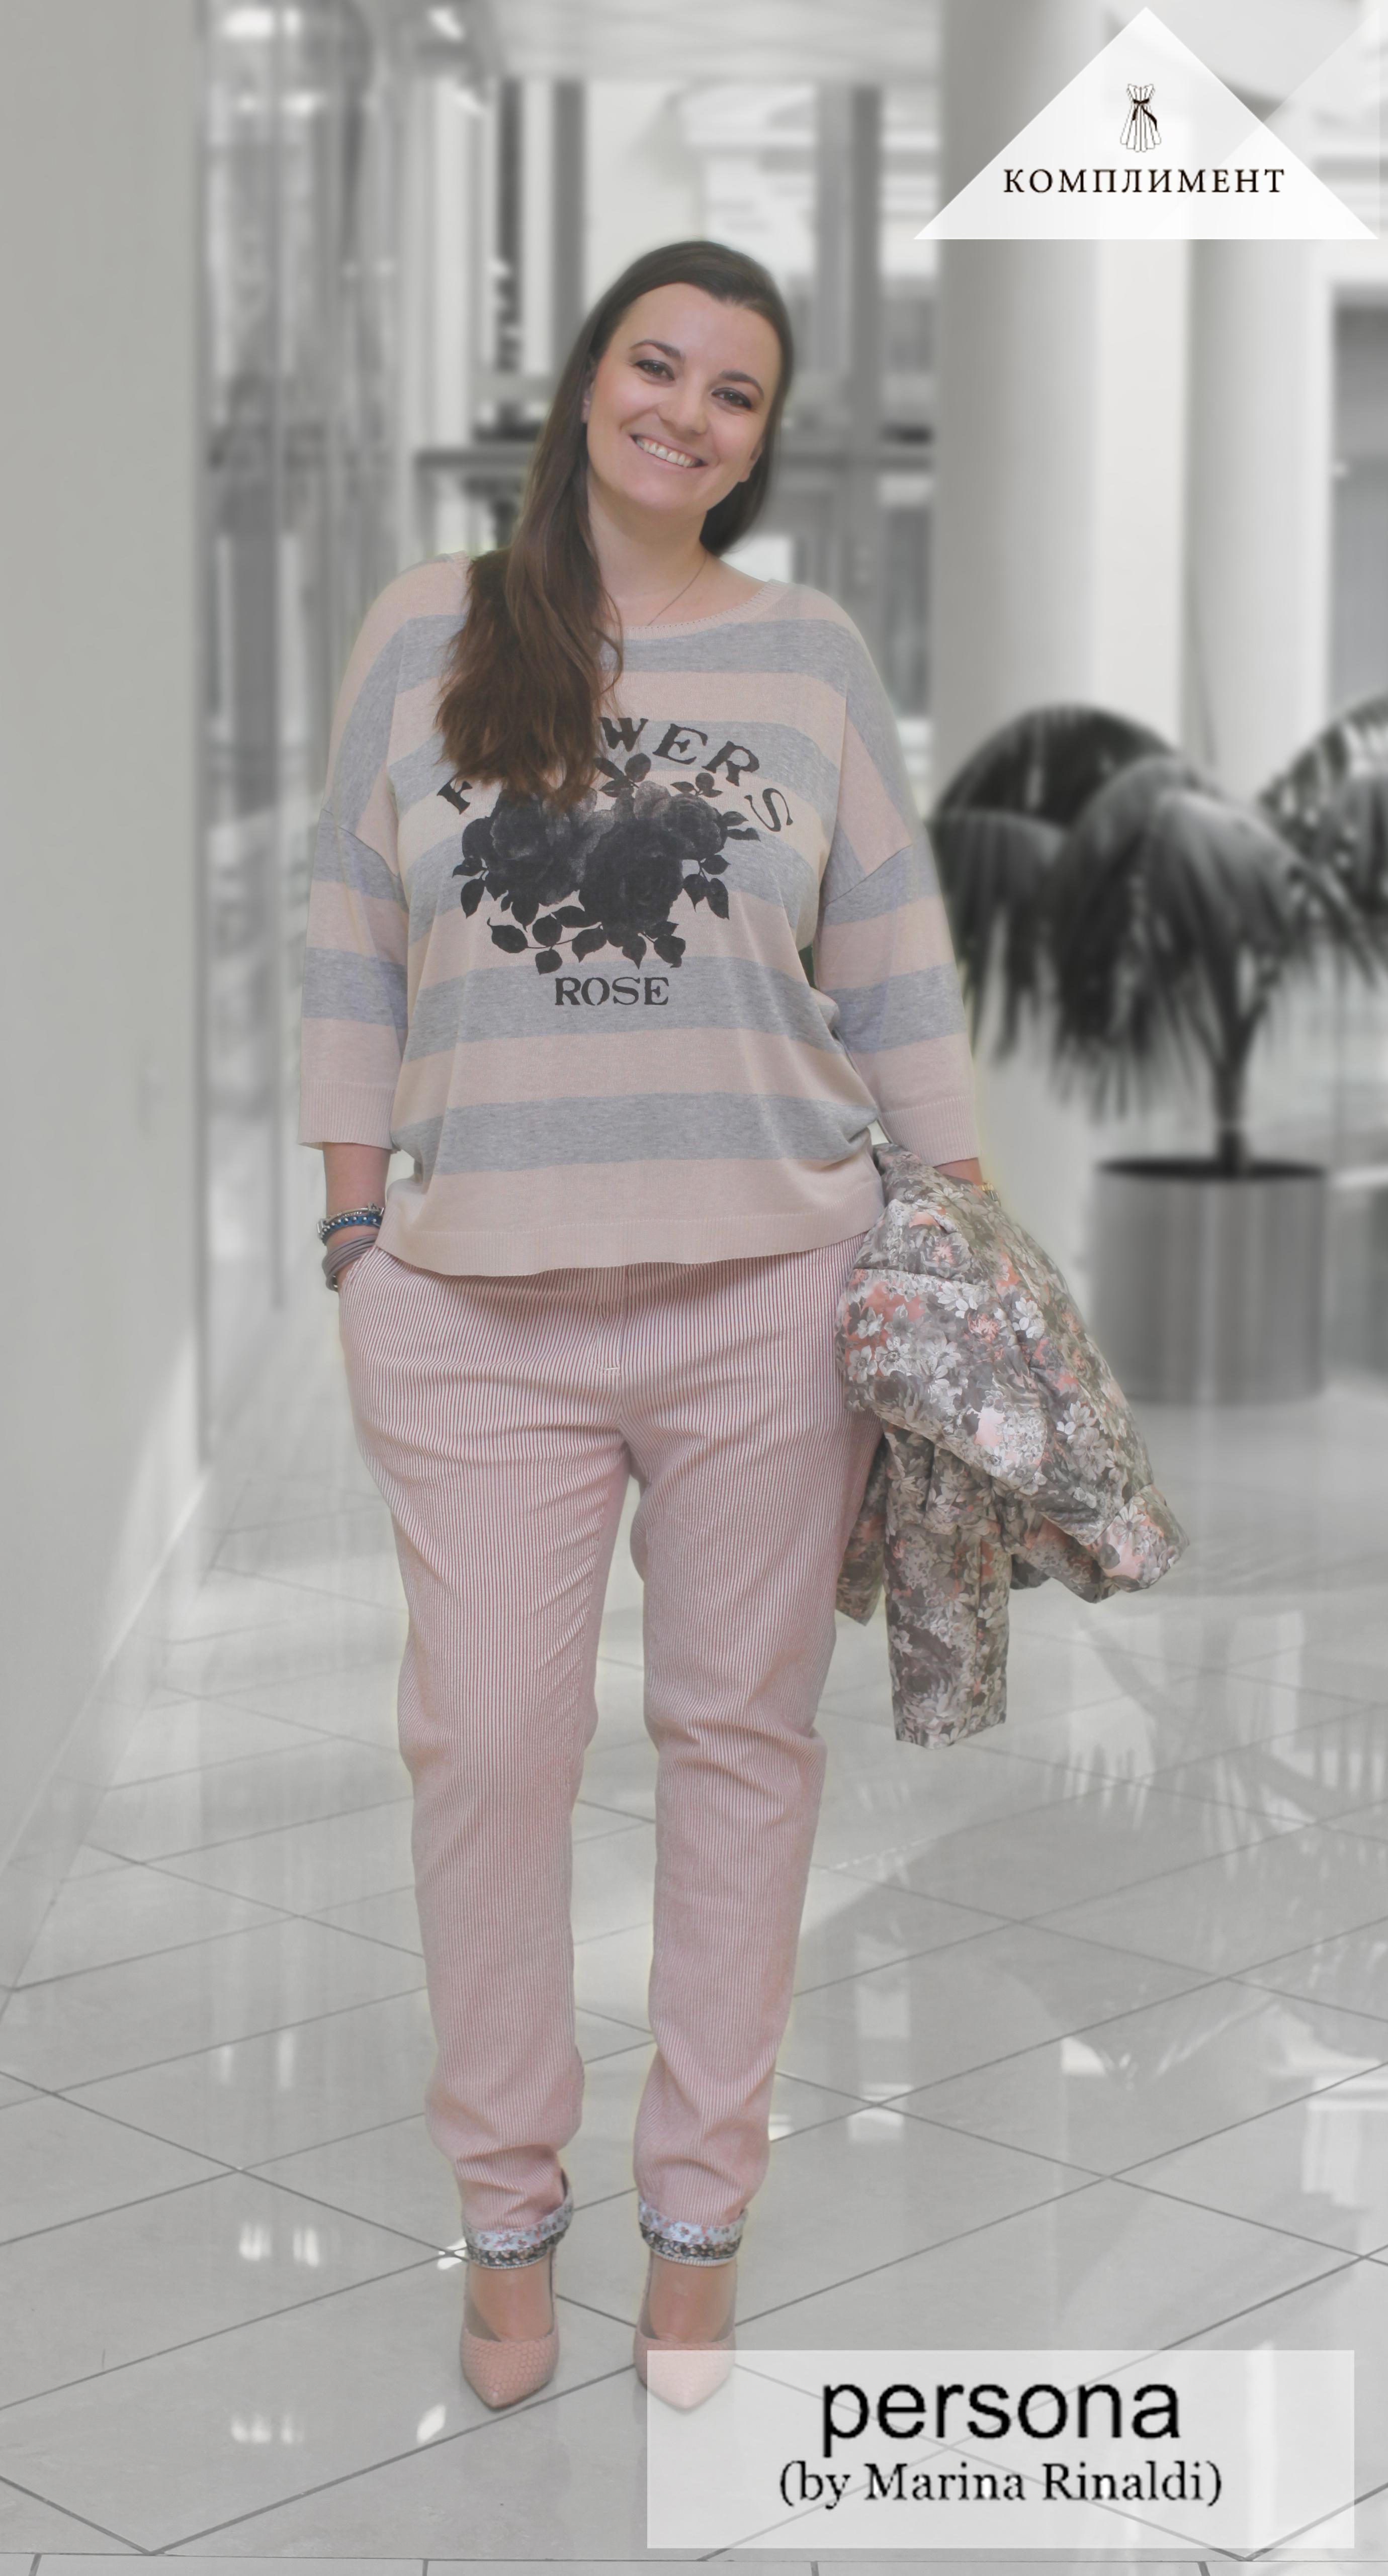 Persona Магазин Женской Одежды